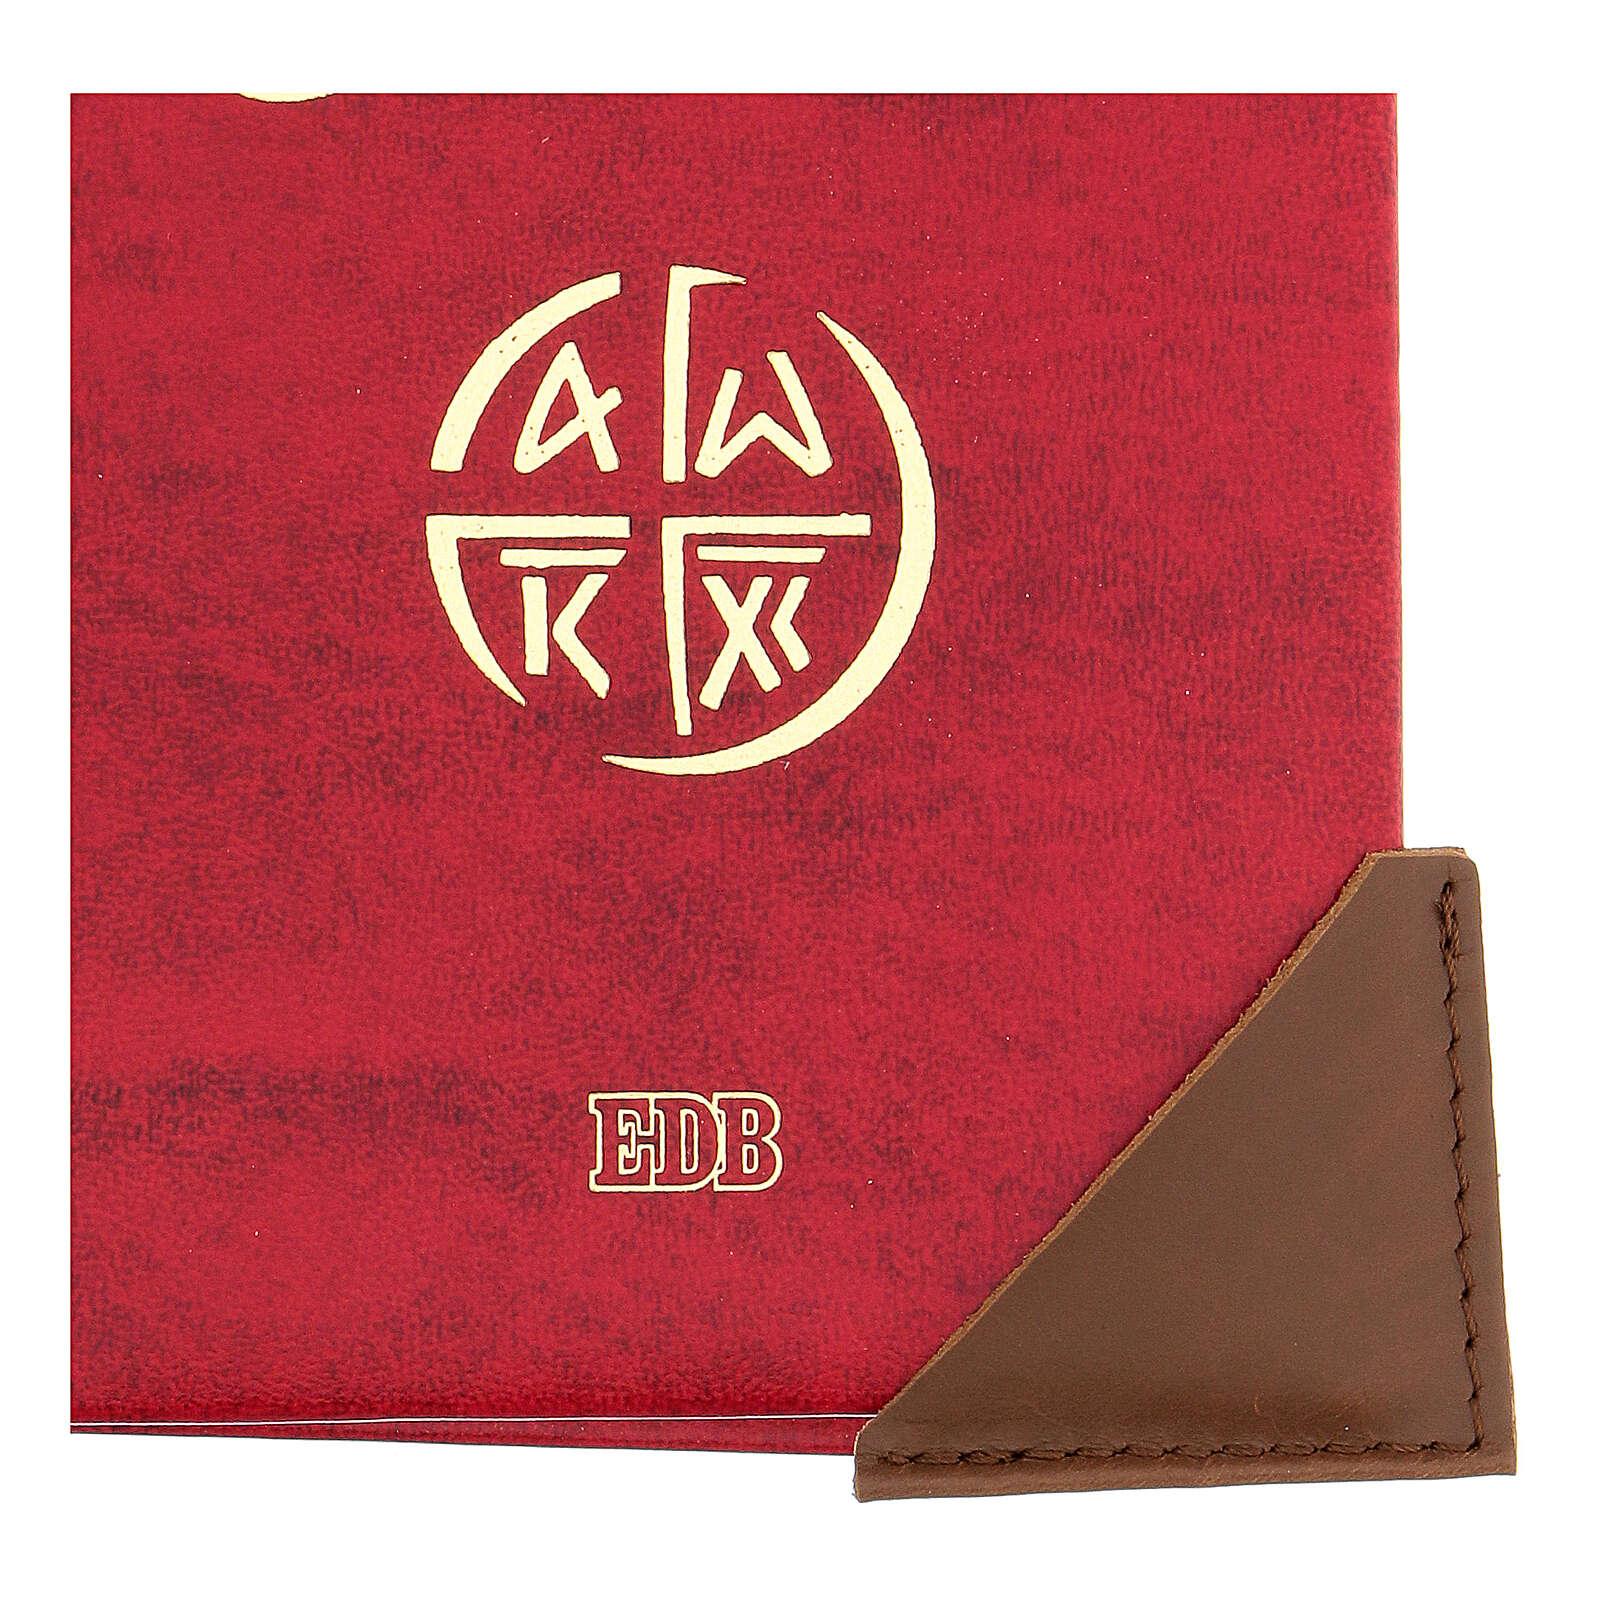 Coin de protection livres liturgiques cuir véritable marron 5 cm 2 pcs 4